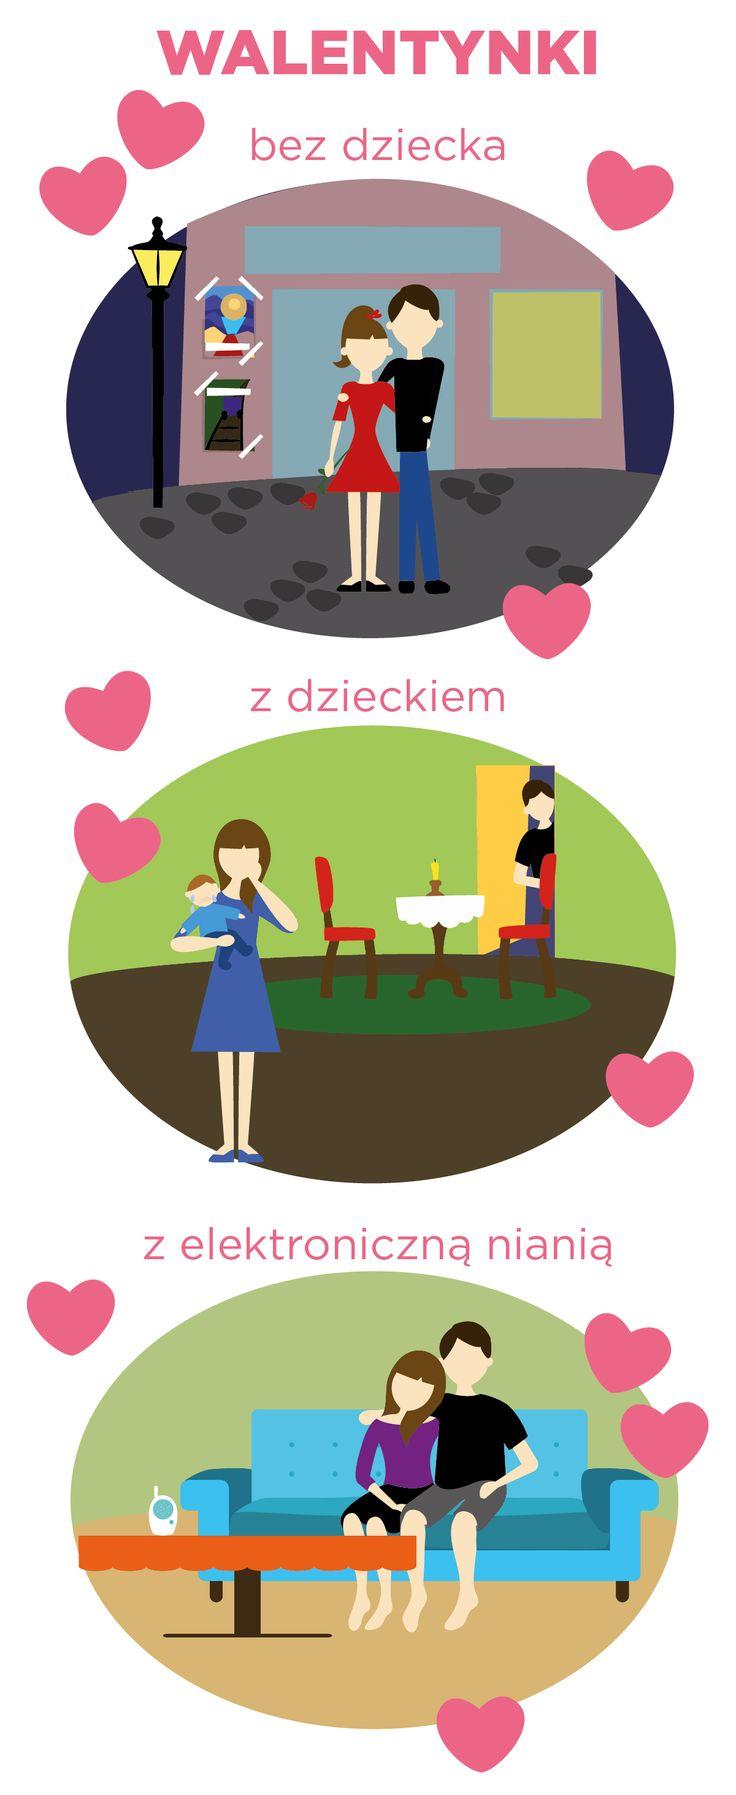 14 luty już jutro - przygotowani? 💝💝💝 Z elektroniczną niania łatwiej zorganizujesz romantyczny wieczór we dwoje! :)